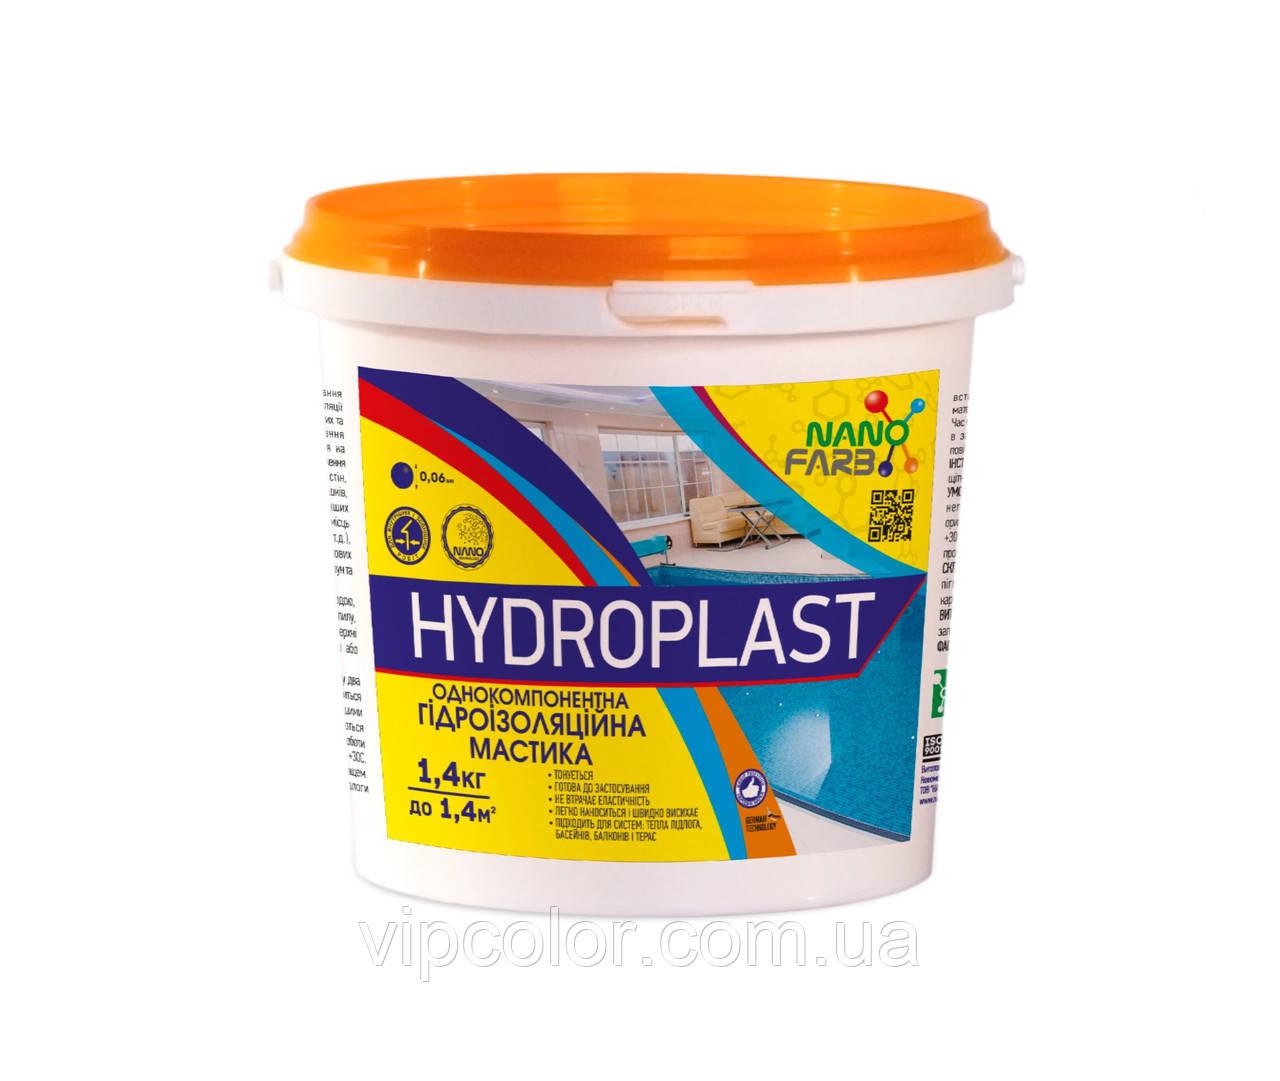 Гидроизоляционная мастика Hydroplast Nano farb 1.4 кг